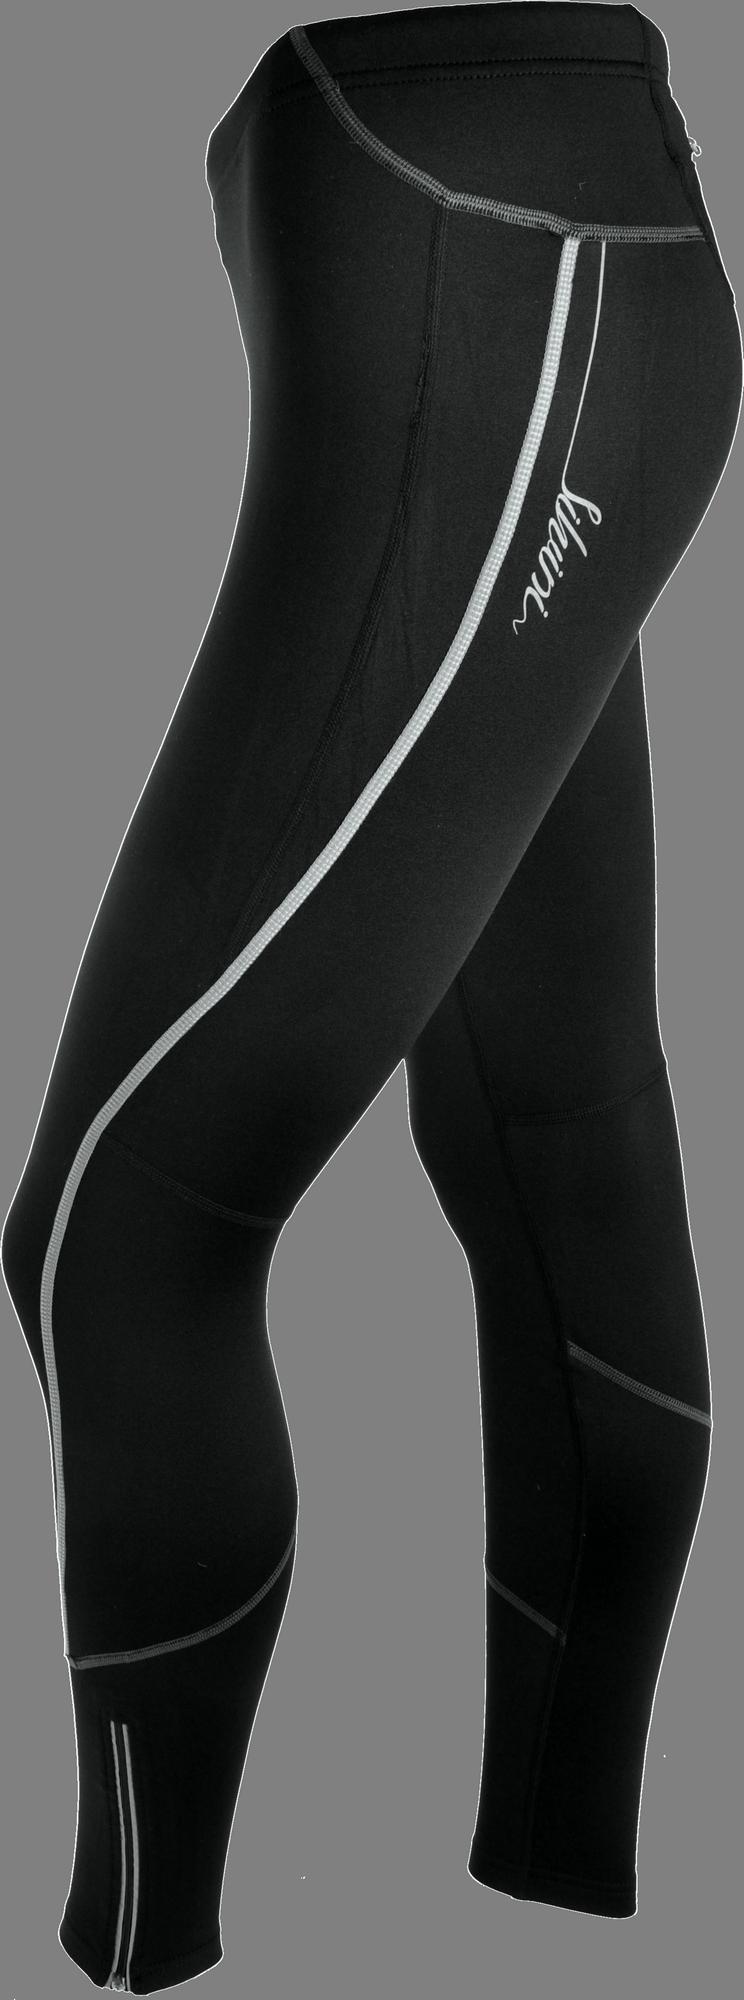 964b32685ea3 Dámske elastické zateplené nohavice Silvini Movenza WP337P s cyklovložkou